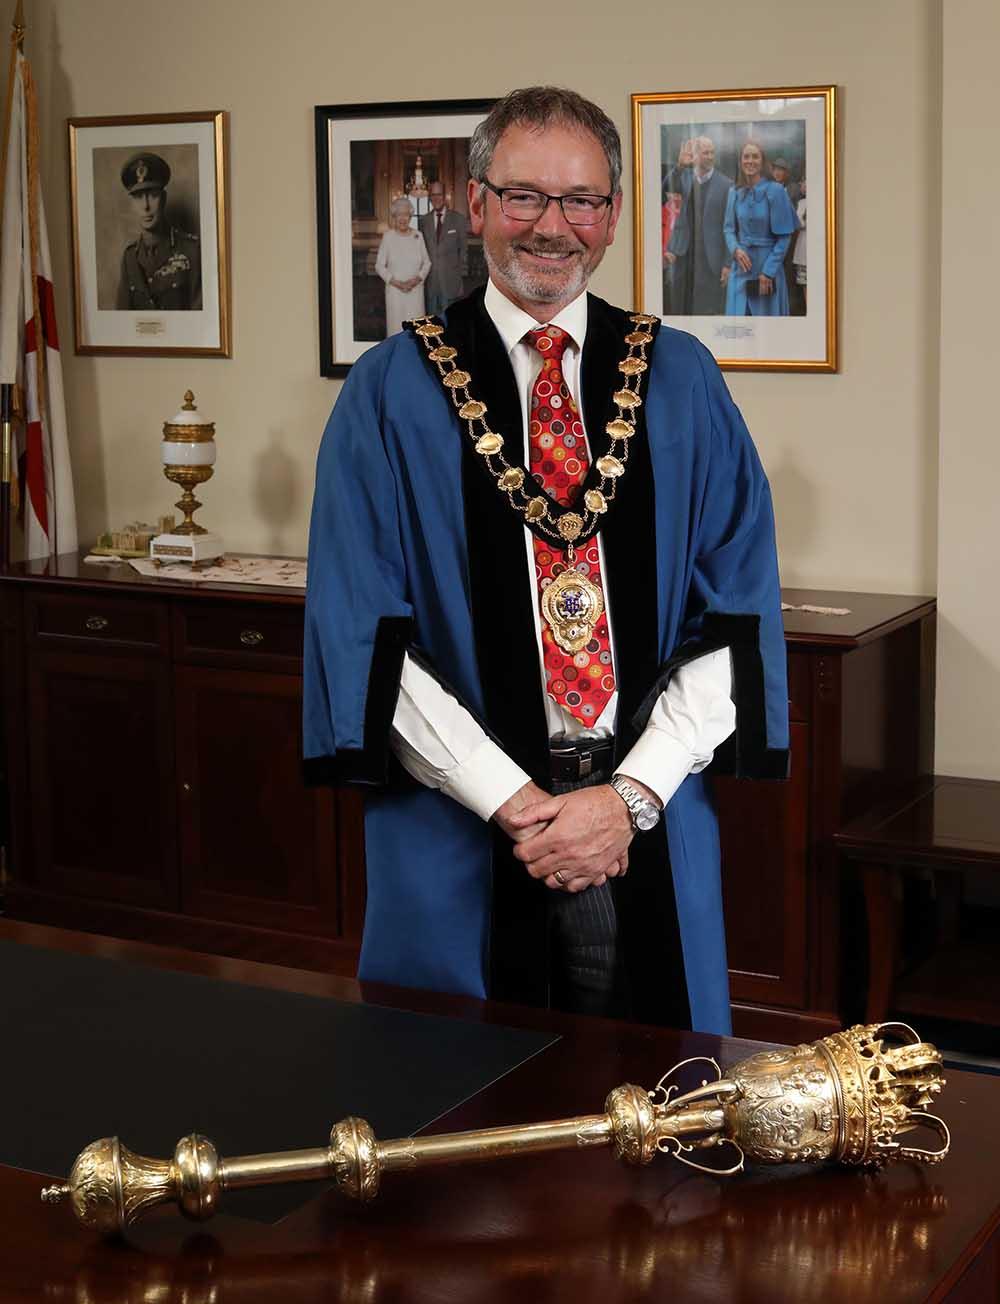 Mayor of Mid & East Antrim, Councillor William McCaughey